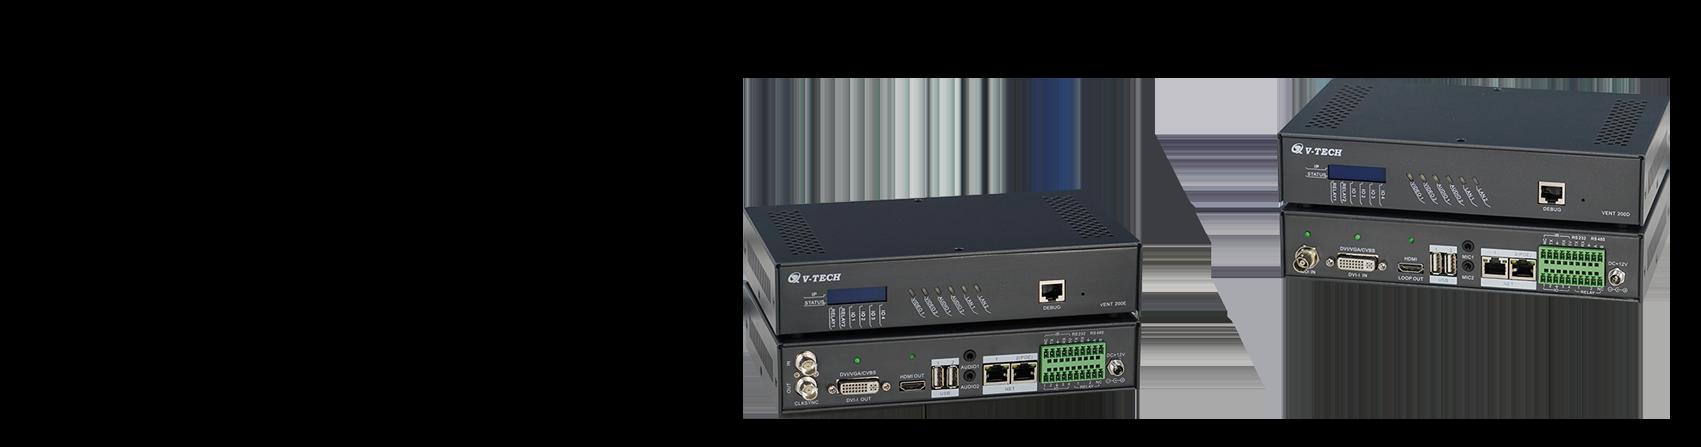 VNET 网络高清音视频综合管控系统